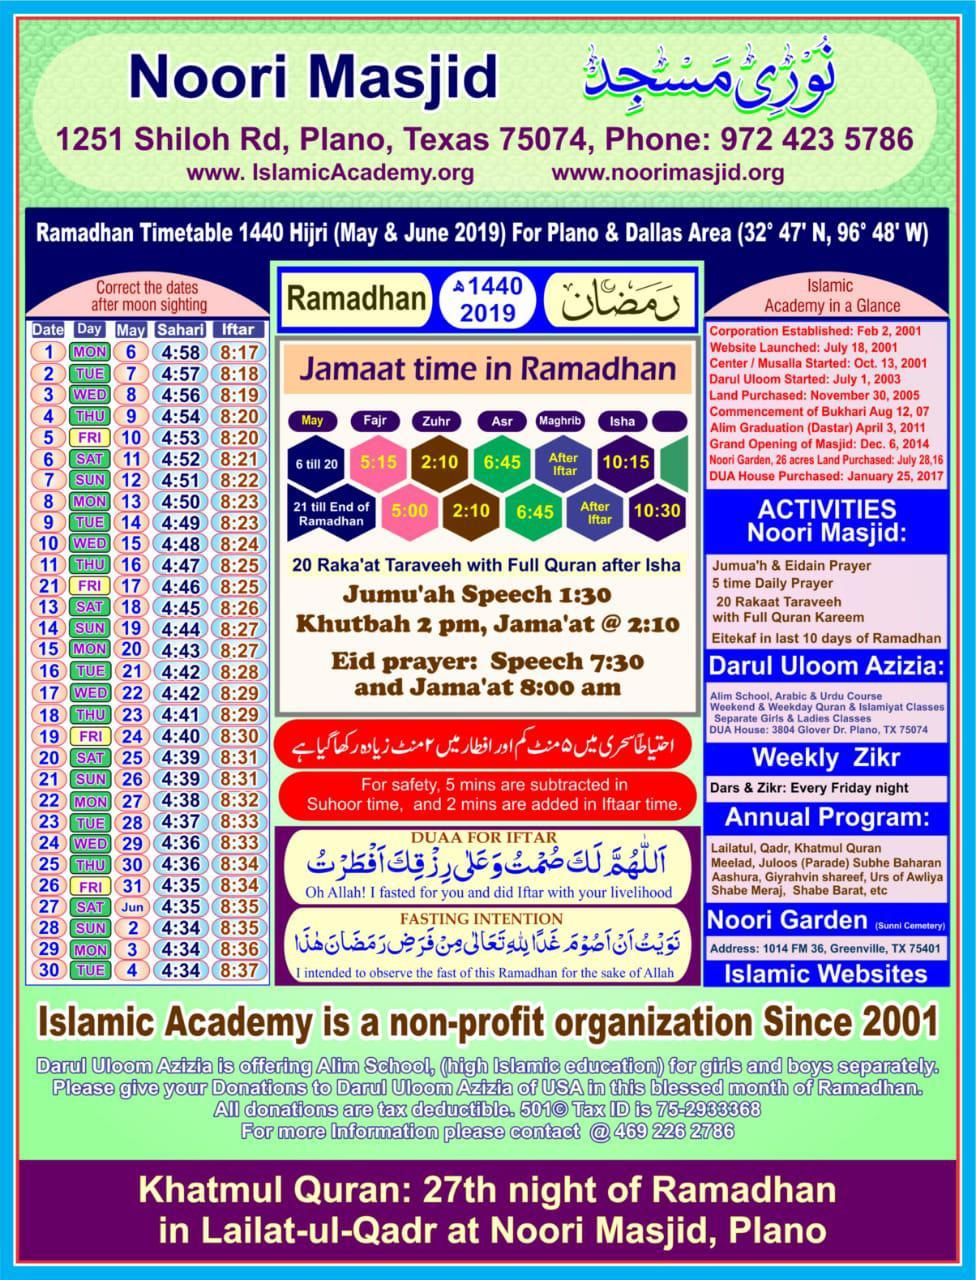 2020 Islamic Calendar For Indopak | Sunni Society within Isha Usa Calendar